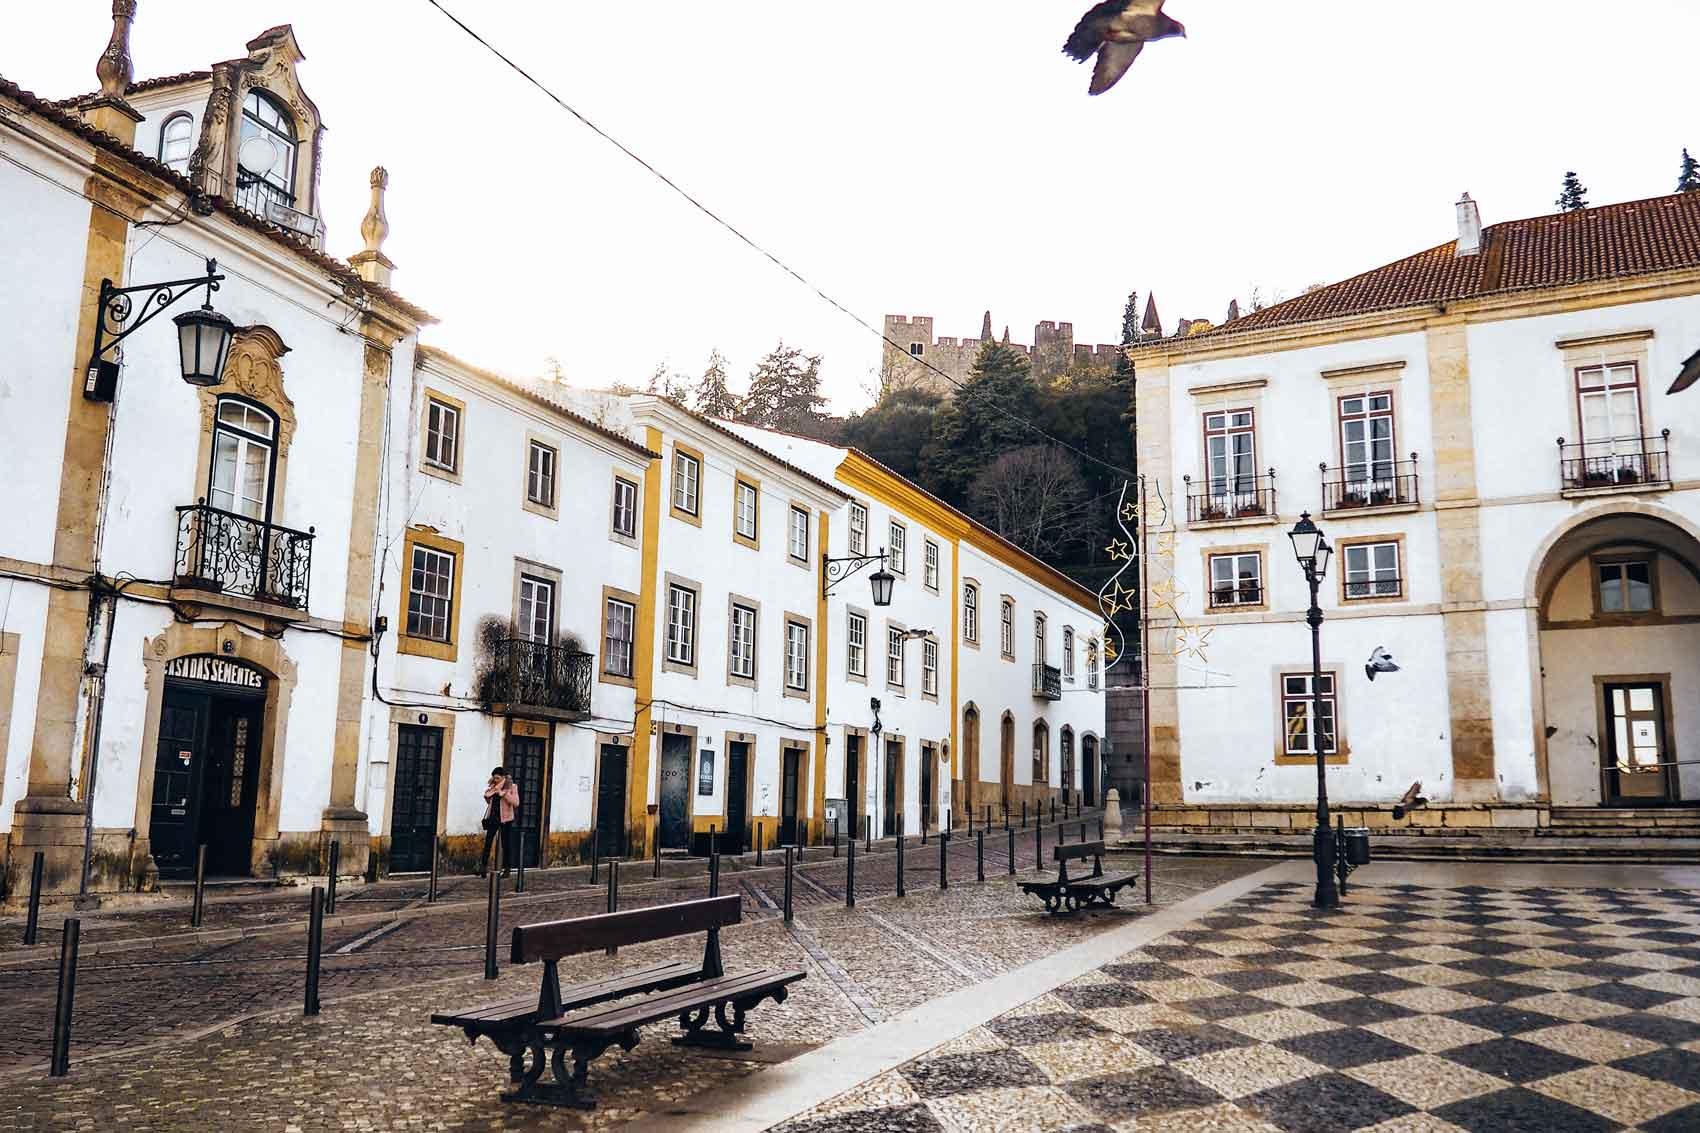 Pueblos bonitos centro de Portugal - Tomar